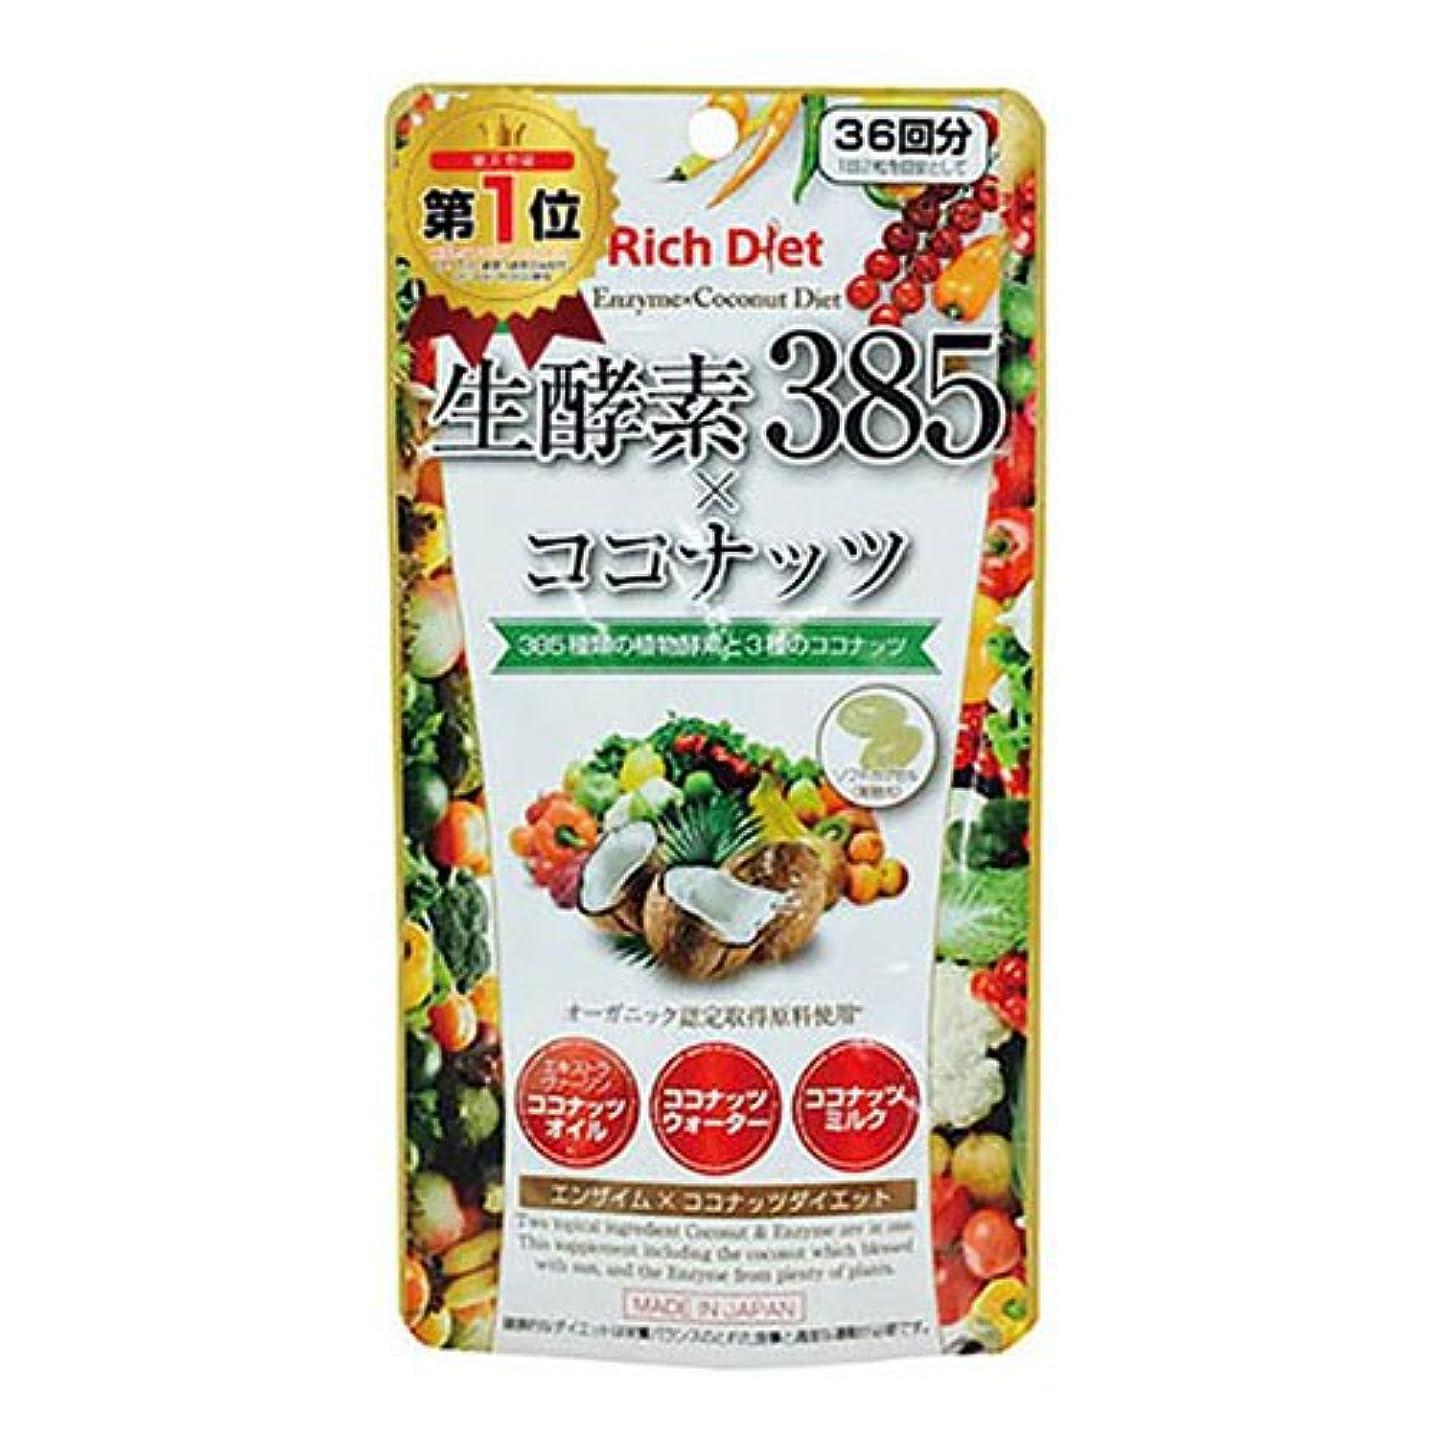 歌詞参加する十億Rich Diet 生酵素×ココナッツダイエット 72粒